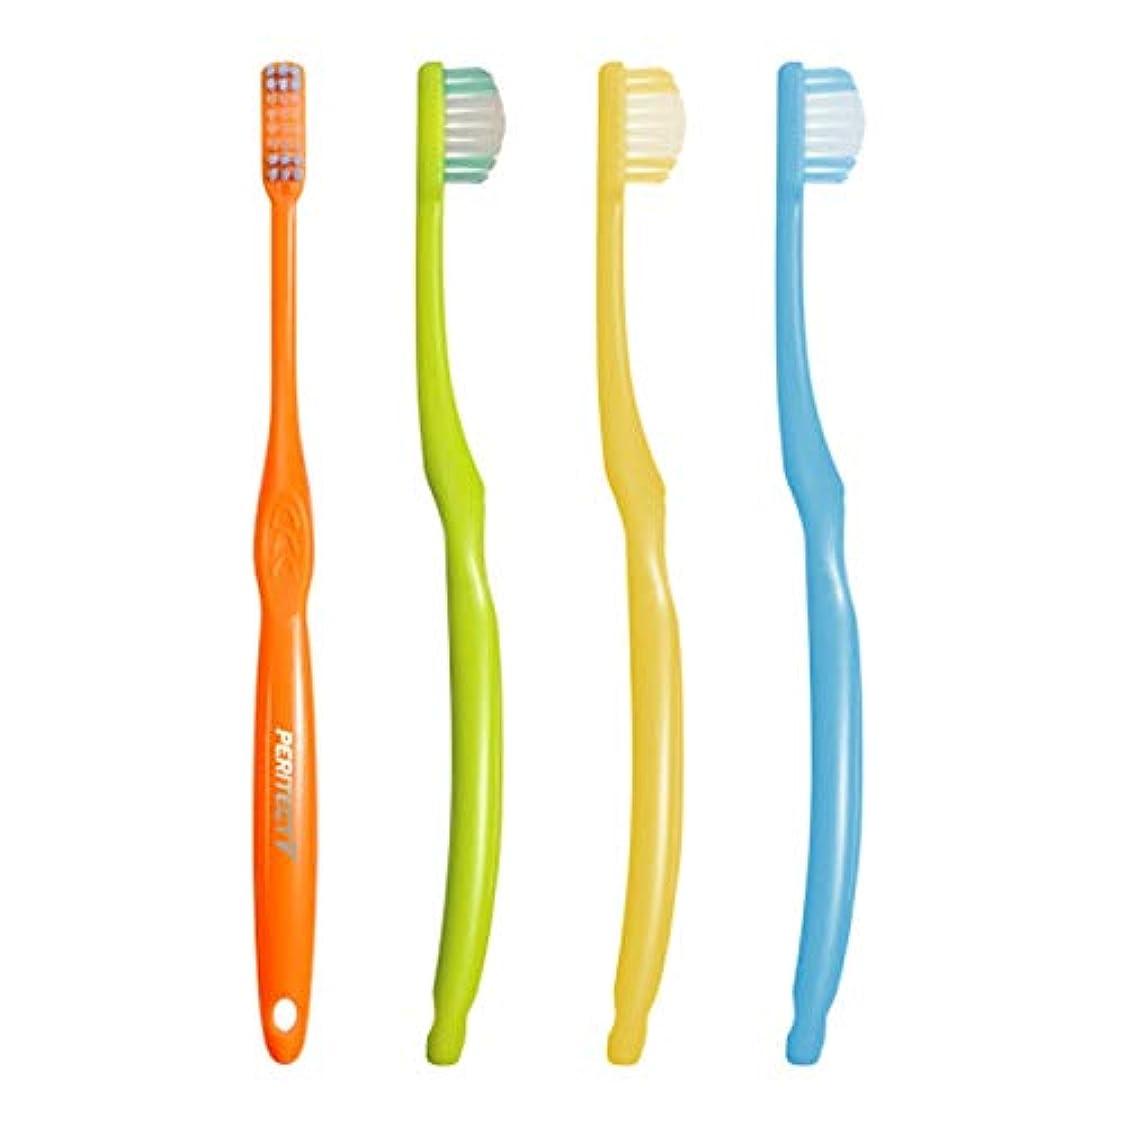 ビーブランド PERITECT V ペリテクト ブイ 歯ブラシ (6M やわらかめ) × 5本 歯科専売品